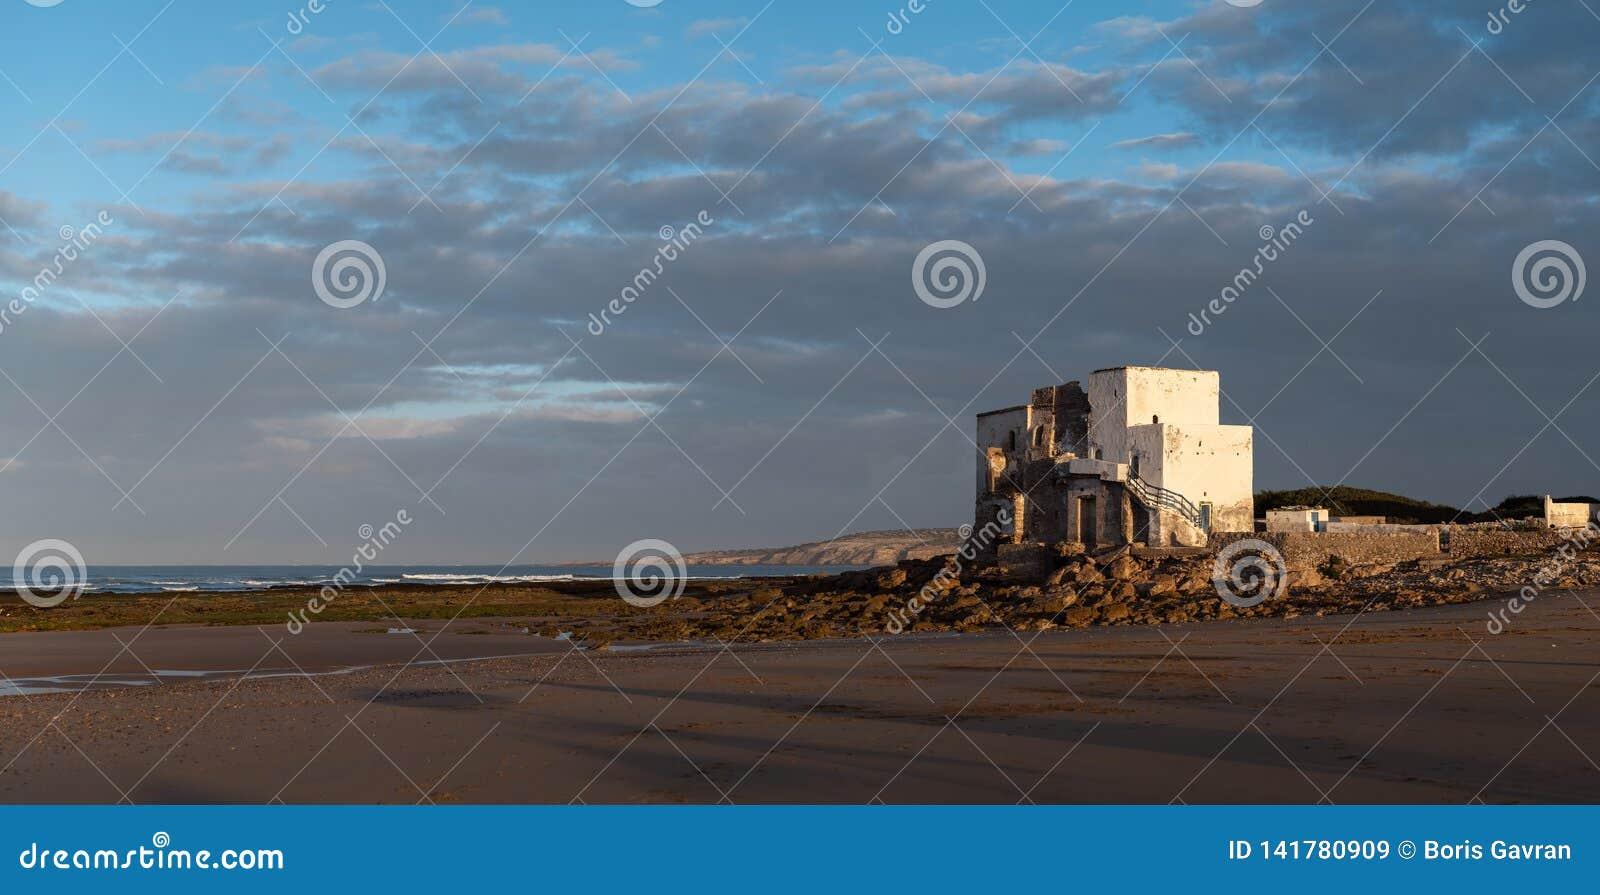 在德西迪Kaouki,摩洛哥,非洲海岸的老大厦  风险轻率冒险日落时间 美妙摩洛哥的海浪镇